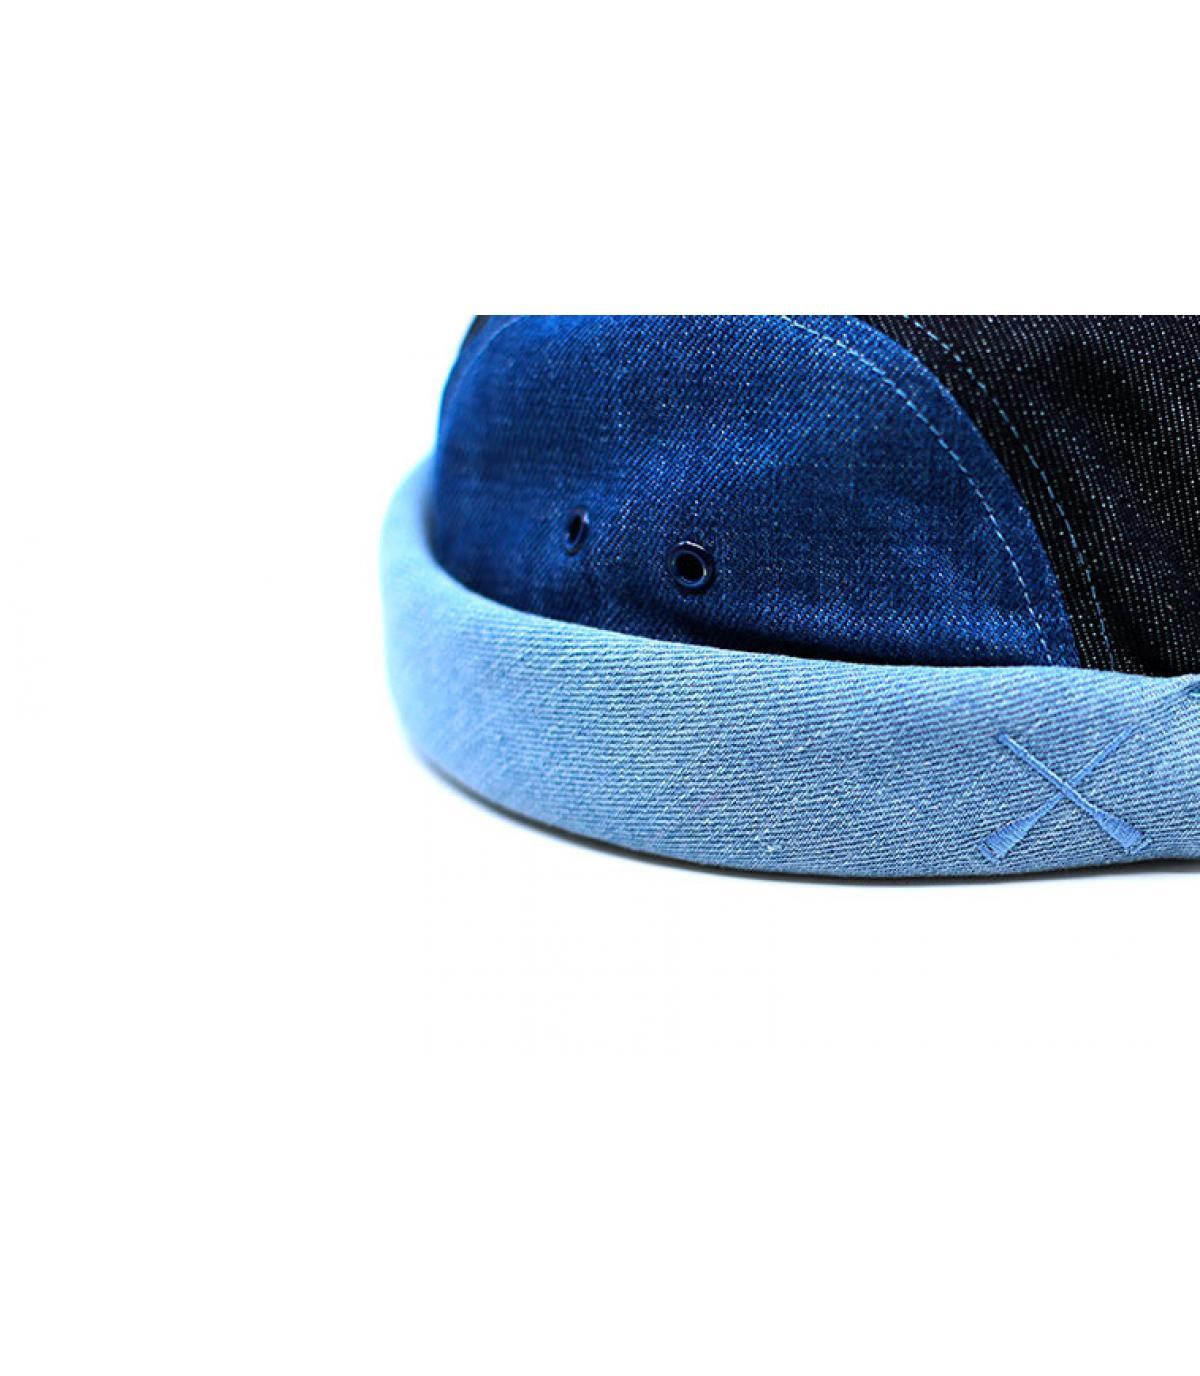 Detalles Miki 5 Panel denim blue imagen 4